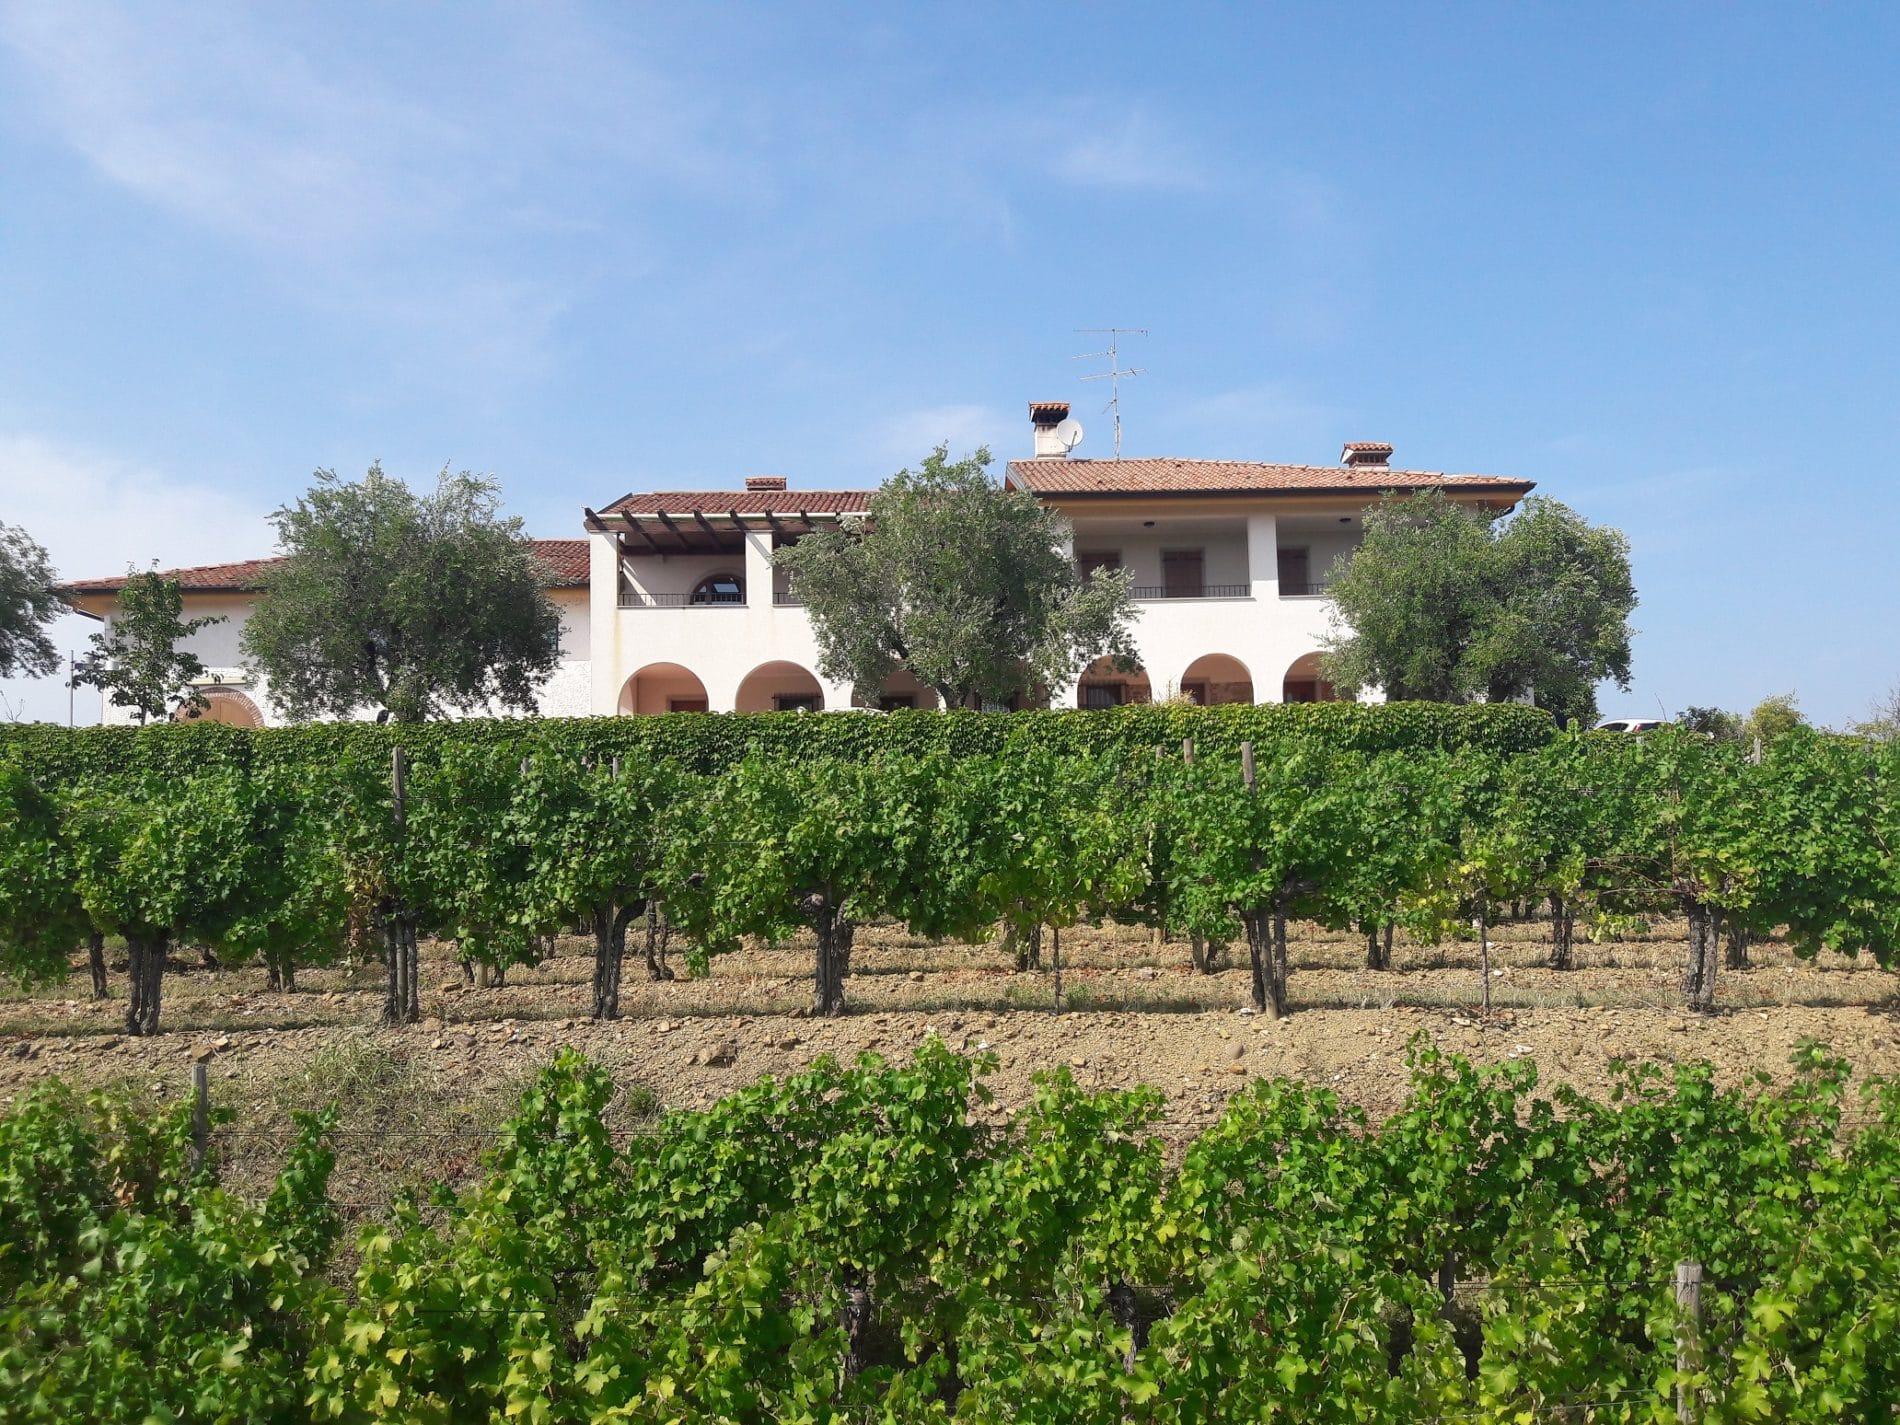 Pignolo, vitigno autoctono del Friuli Venezia Giulia